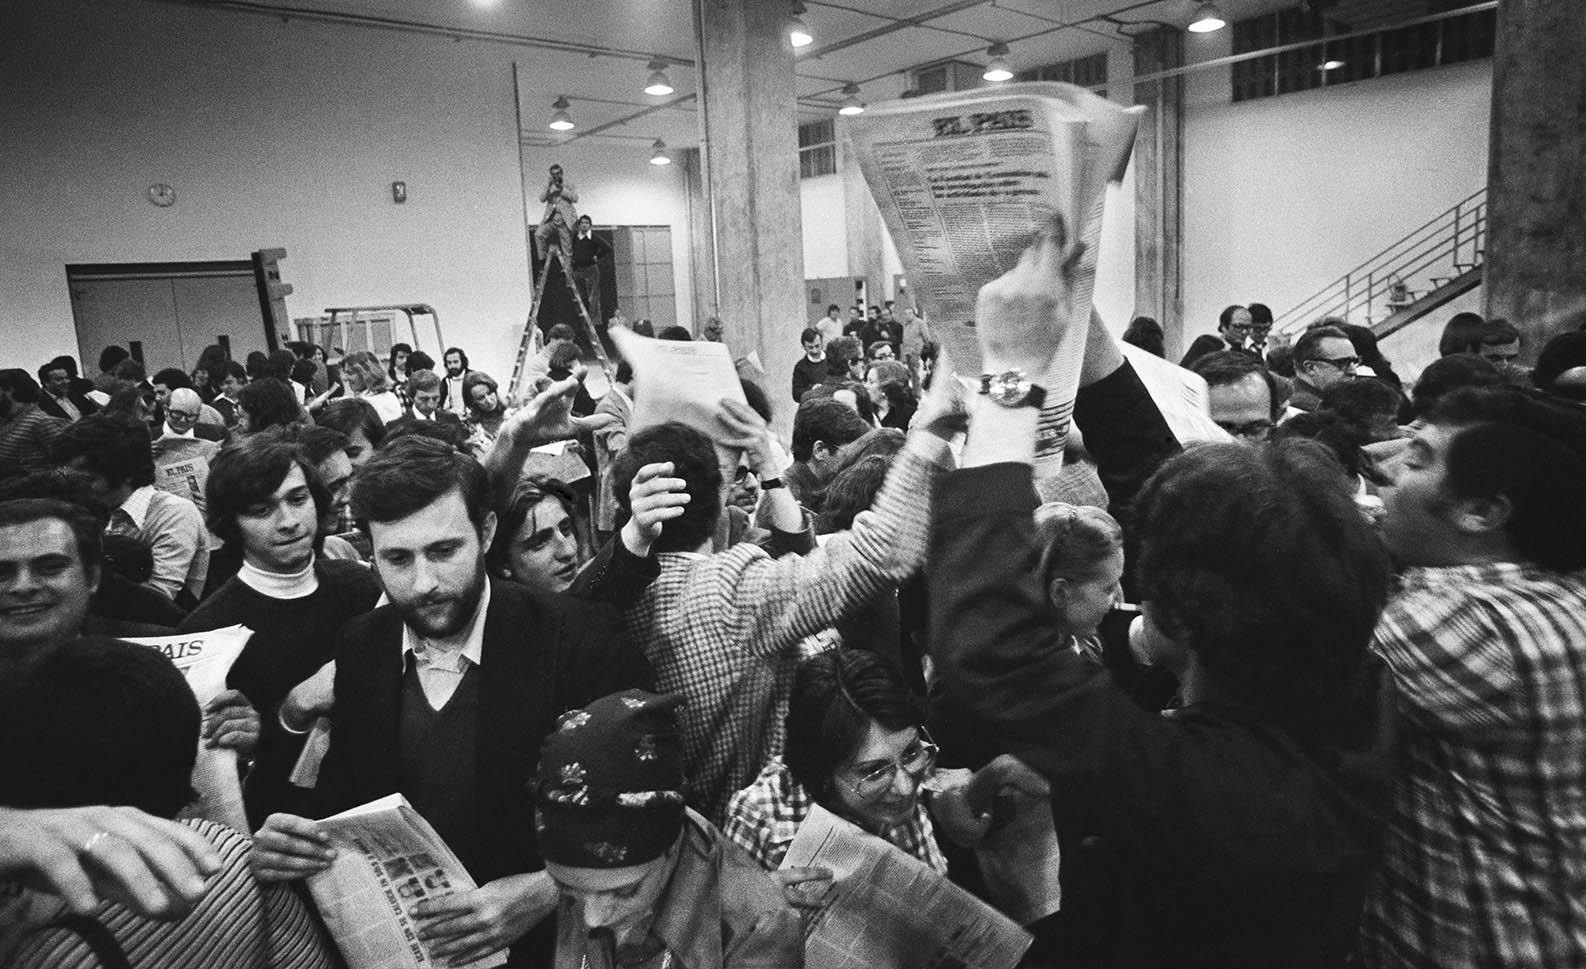 Primeras horas del 4 de mayo de 1976. Nace EL PAÍS. Los primeros ejemplares del diario comienzan a circular entre los trabajadores del periódico. / ANTONIO GABRIEL